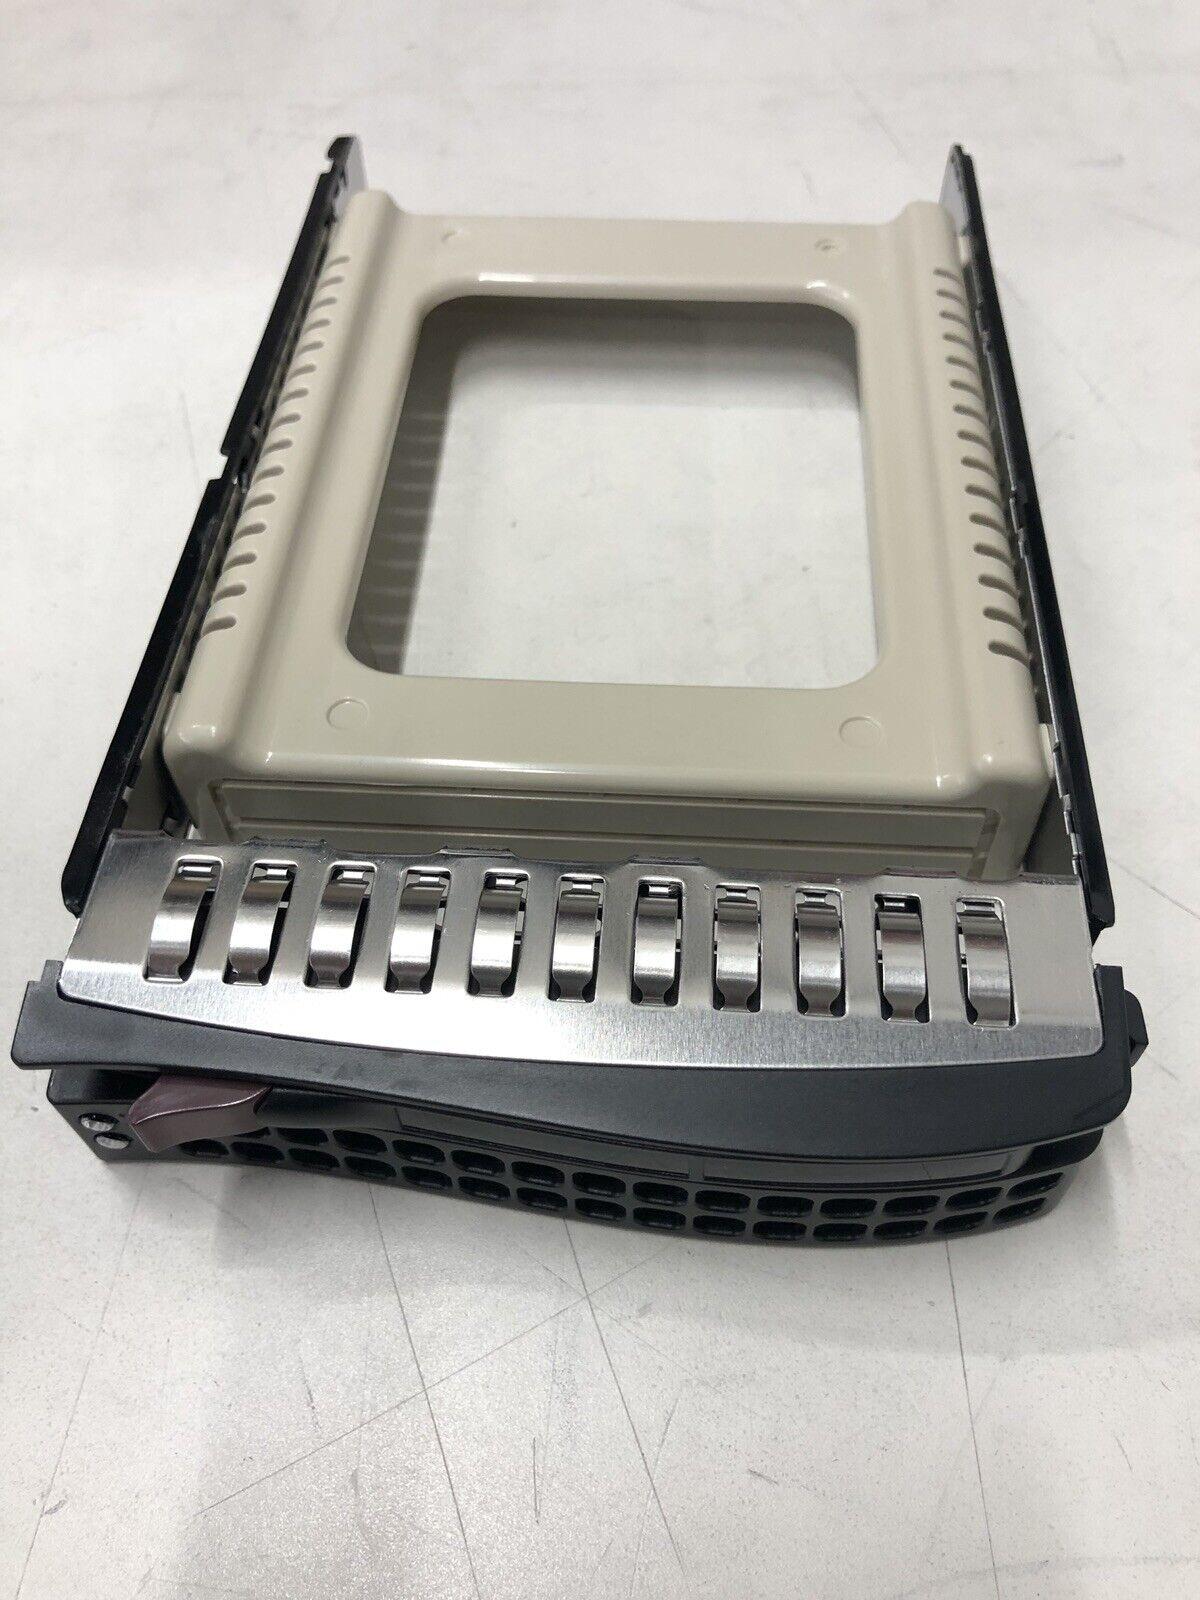 Supermicro MCP-220-00075-0B Black Gen 5.5 Hot-Swap 3.5-Inch HDD Tray